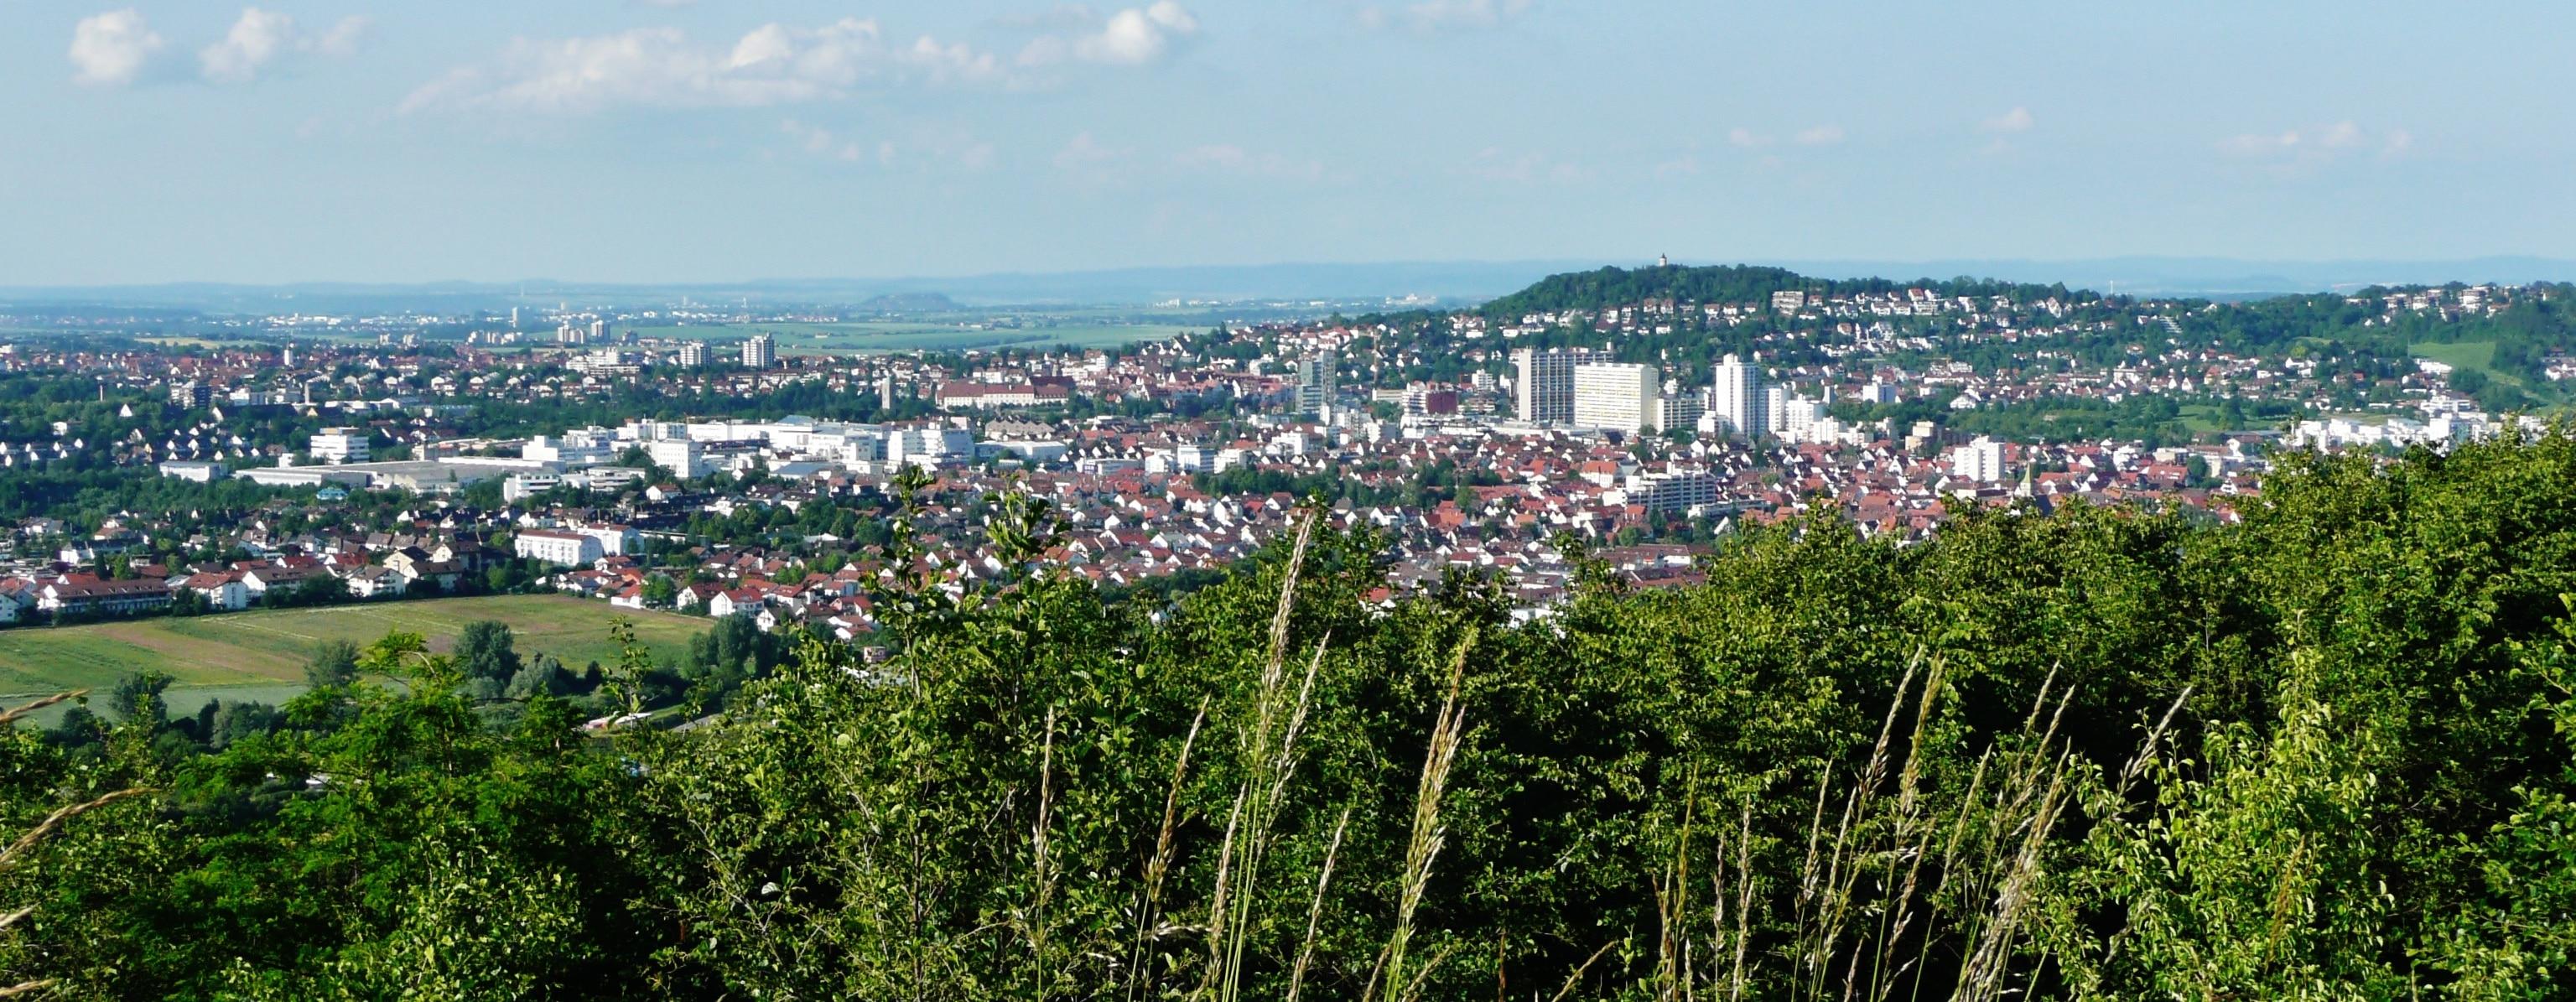 Leonberg, Baden-Württemberg, Deutschland